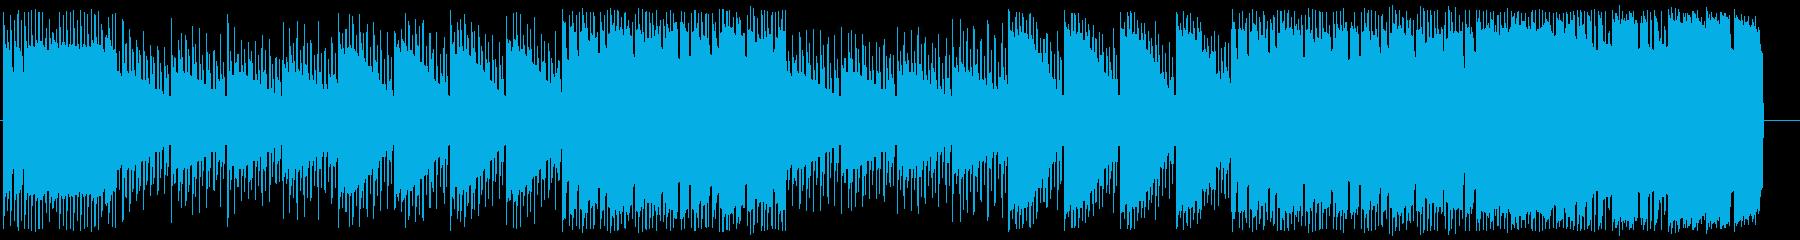 ファミコン風サウンド ポップな宇宙空間の再生済みの波形